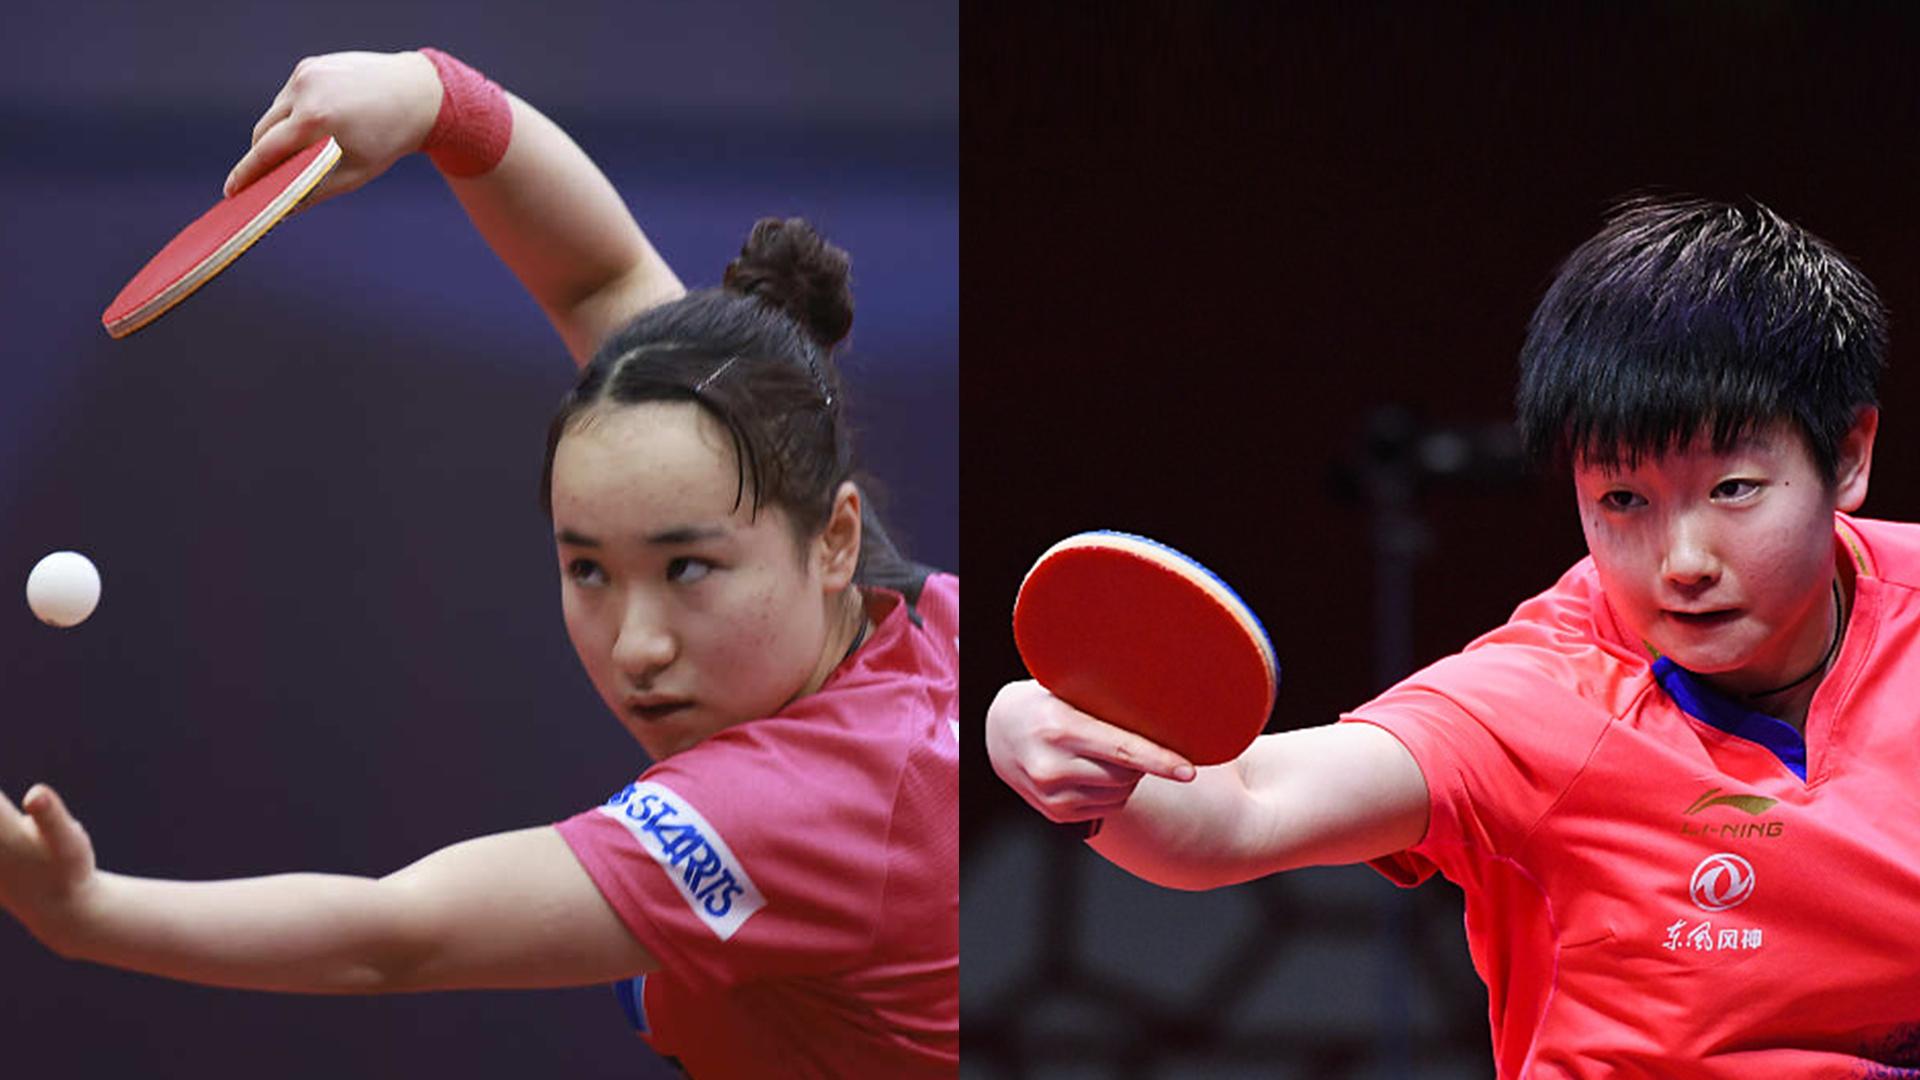 Các vận động viên bóng bàn Trung Quốc là bức tường thành mà ai cũng muốn vượt qua đối với các tay vợt đến từ các quốc gia khác